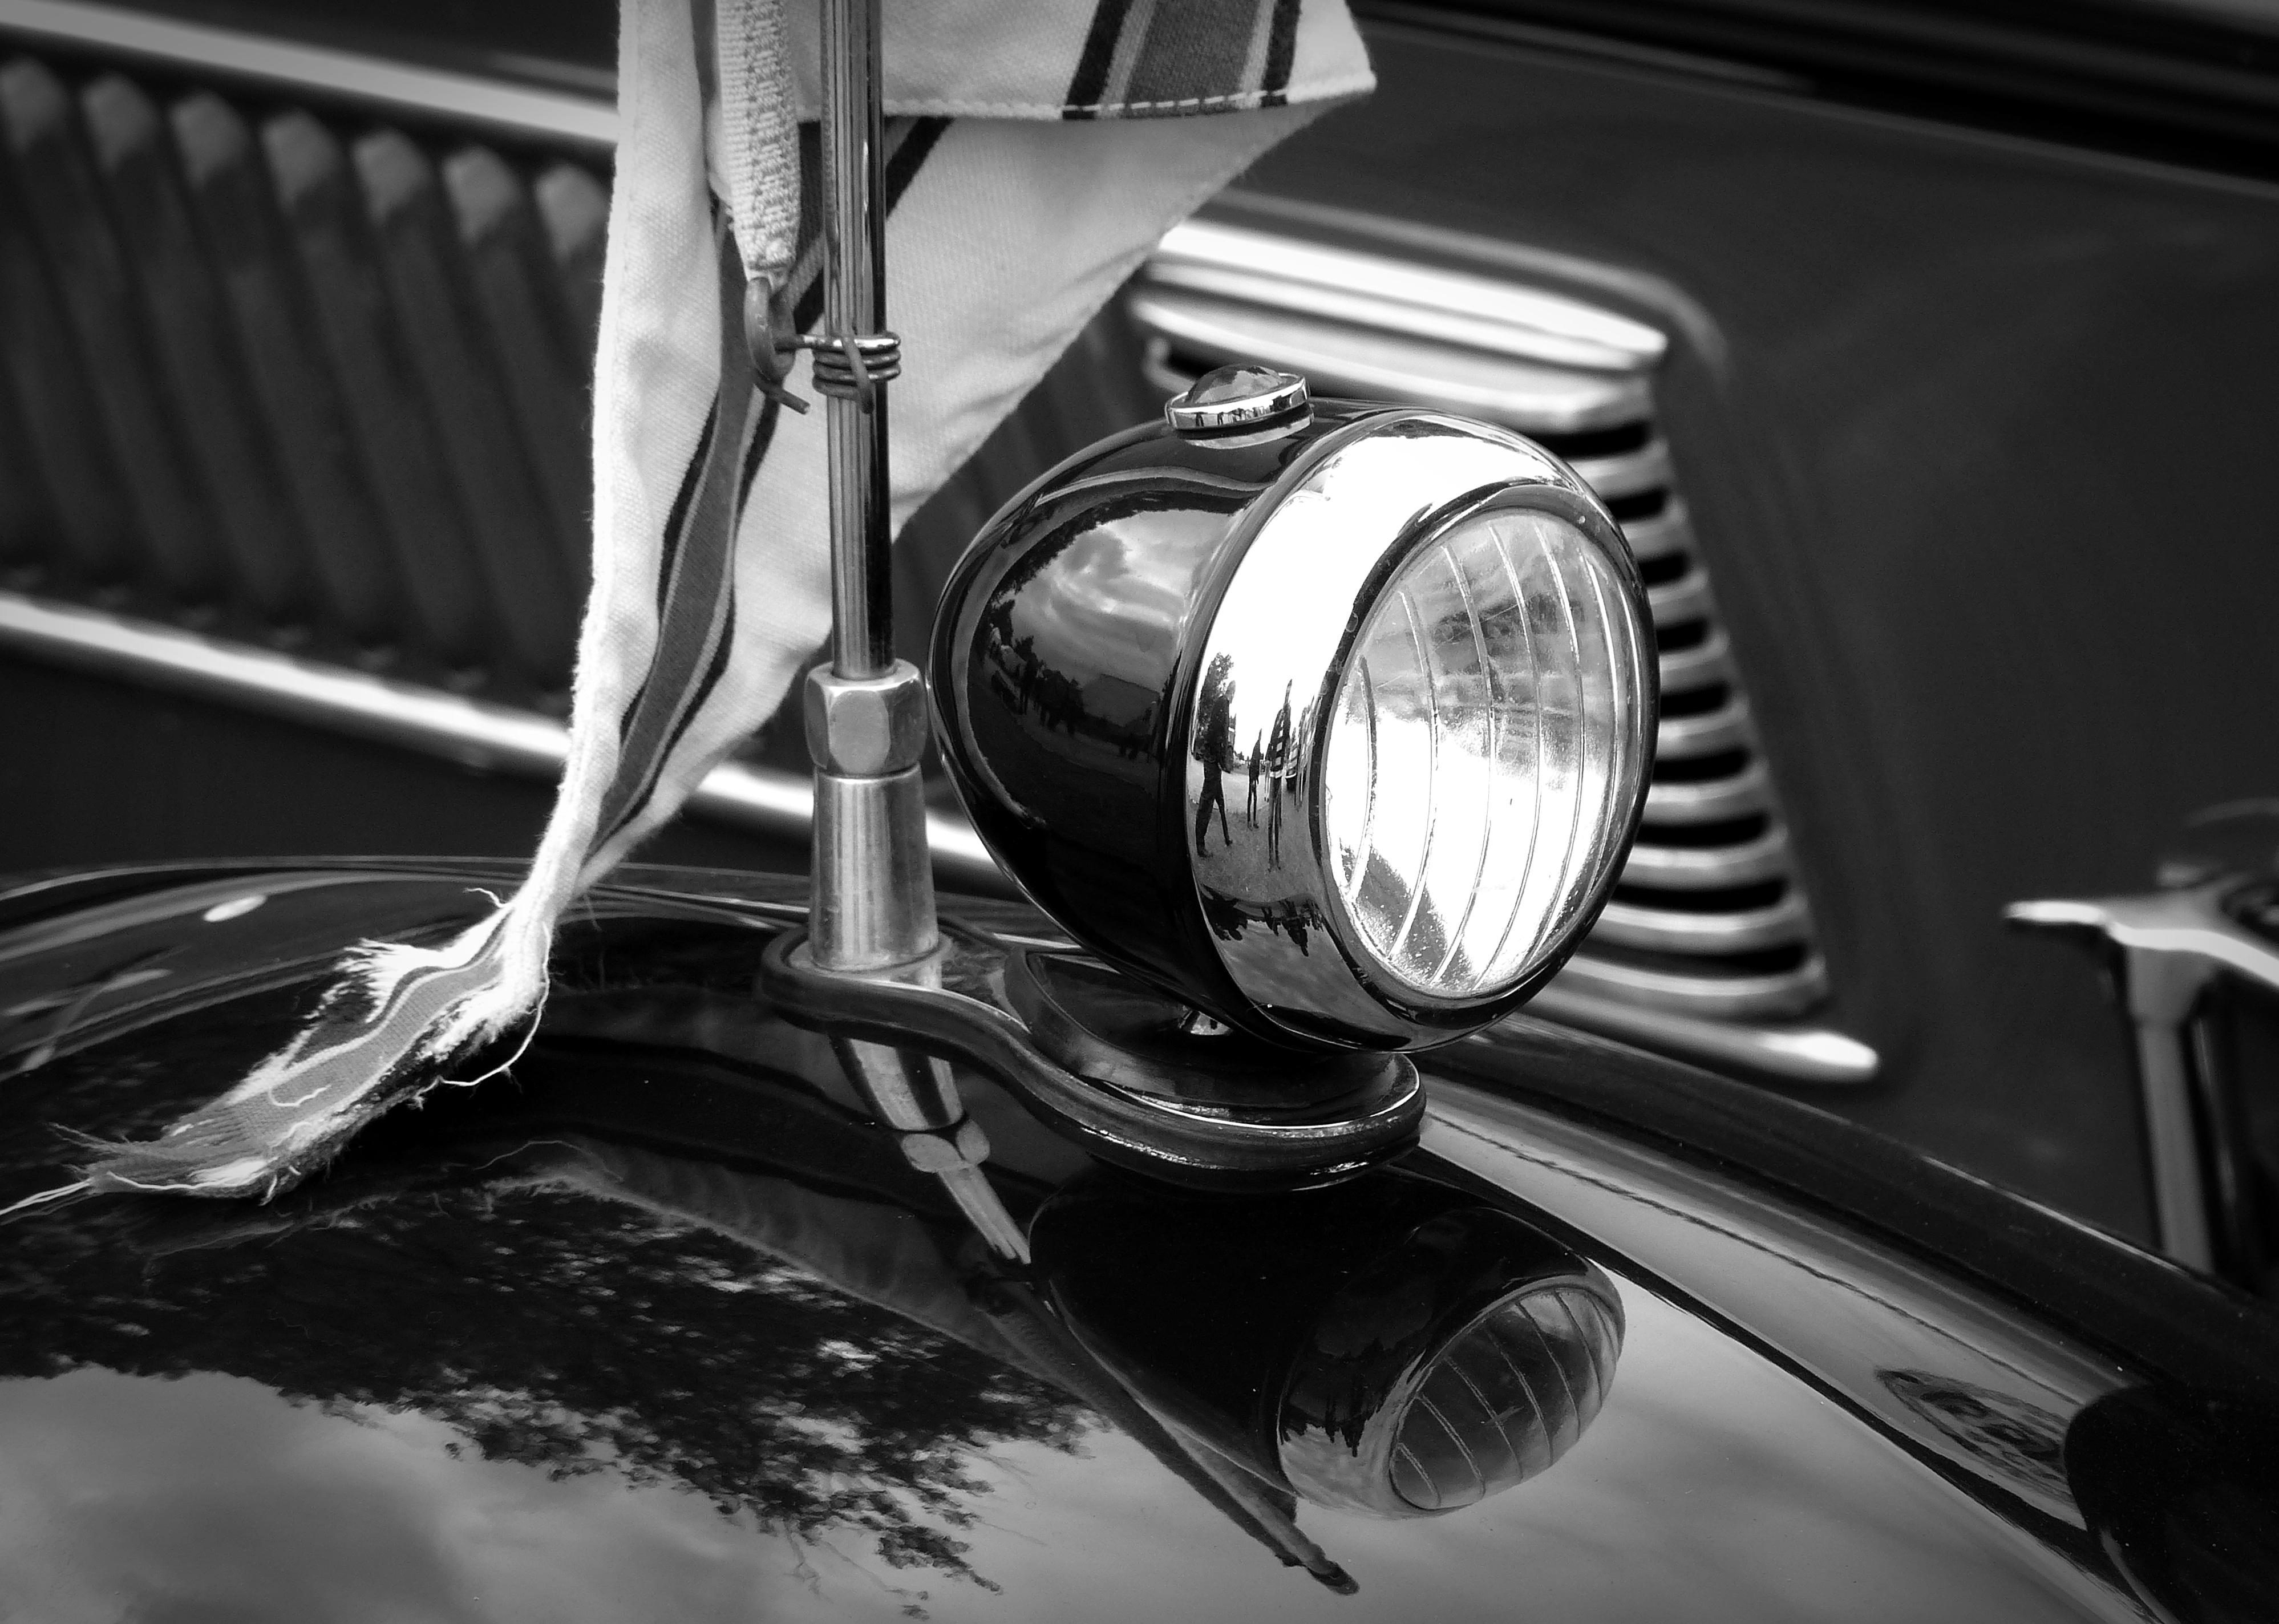 Images Gratuites Lumiere Noir Et Blanc Roue Verre Vehicule